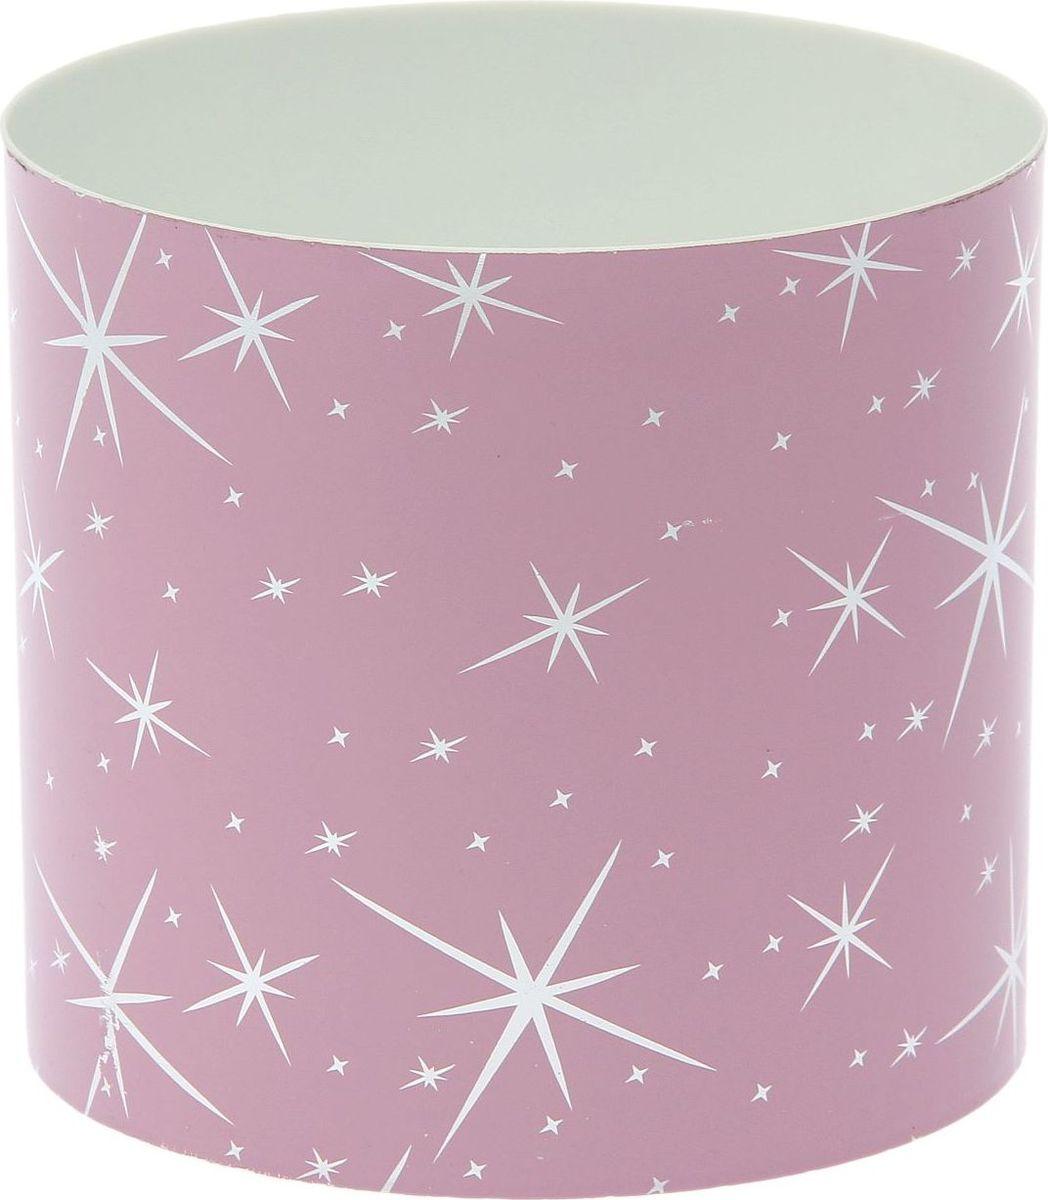 Горшок для цветов Simple Garden Звезды, со скрытым поддоном, цвет: розовый металлик, 2,8 л1915383Любой, даже самый современный и продуманный интерьер будет незавершенным без растений. Они не только очищают воздух и насыщают его кислородом, но и украшают окружающее пространство. Такому полезному члену семьи просто необходим красивый и функциональный дом! Оптимальный выбор материала — пластмасса! Почему мы так считаем? Малый вес. С легкостью переносите горшки и кашпо с места на место, ставьте их на столики или полки, не беспокоясь о нагрузке. Простота ухода. Кашпо не нуждается в специальных условиях хранения. Его легко чистить — достаточно просто сполоснуть теплой водой. Никаких потертостей. Такие кашпо не царапают и не загрязняют поверхности, на которых стоят. Пластик дольше хранит влагу, а значит, растение реже нуждается в поливе. Пластмасса не пропускает воздух — корневой системе растения не грозят резкие перепады температур. Огромный выбор форм, декора и расцветок — вы без труда найдете что-то, что идеально впишется в уже существующий интерьер. Соблюдая нехитрые правила ухода, вы можете заметно продлить срок службы горшков и кашпо из пластика: всегда учитывайте размер кроны и корневой системы (при разрастании большое растение способно повредить маленький горшок) берегите изделие от воздействия прямых солнечных лучей, чтобы горшки не выцветали держите кашпо из пластика подальше от нагревающихся поверхностей. Создавайте прекрасные цветочные композиции, выращивайте рассаду или необычные растения.